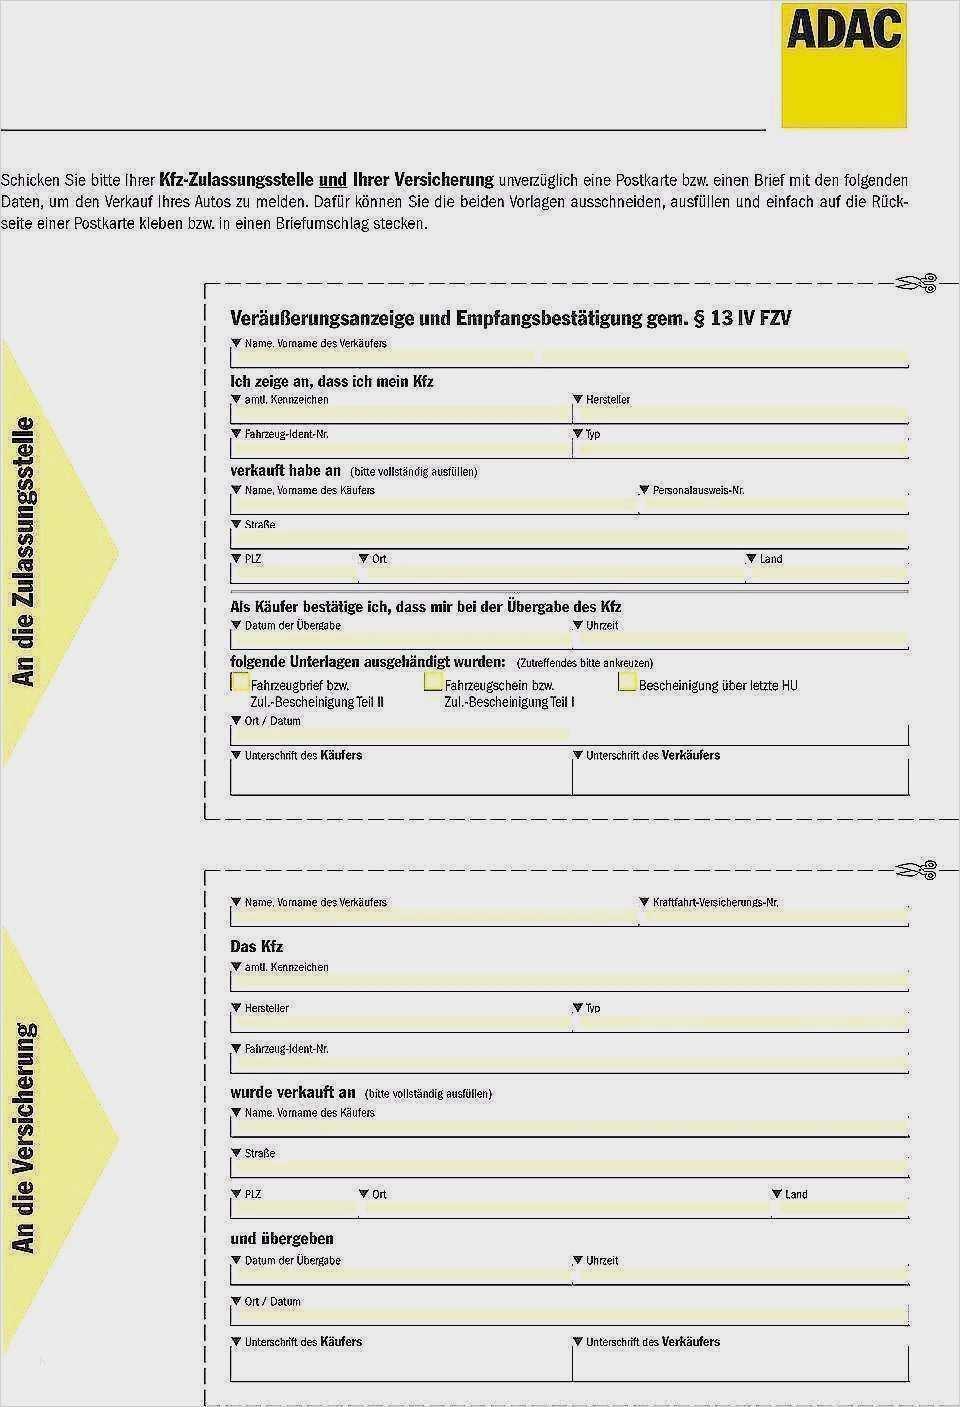 40 Erstaunlich Vollmacht Kfz Nutzung Vorlage Adac Sie Konnen Einstellen Fur Ihre Wichtigsten Lebenslauf Layout Vollmacht Schufa Auskunft